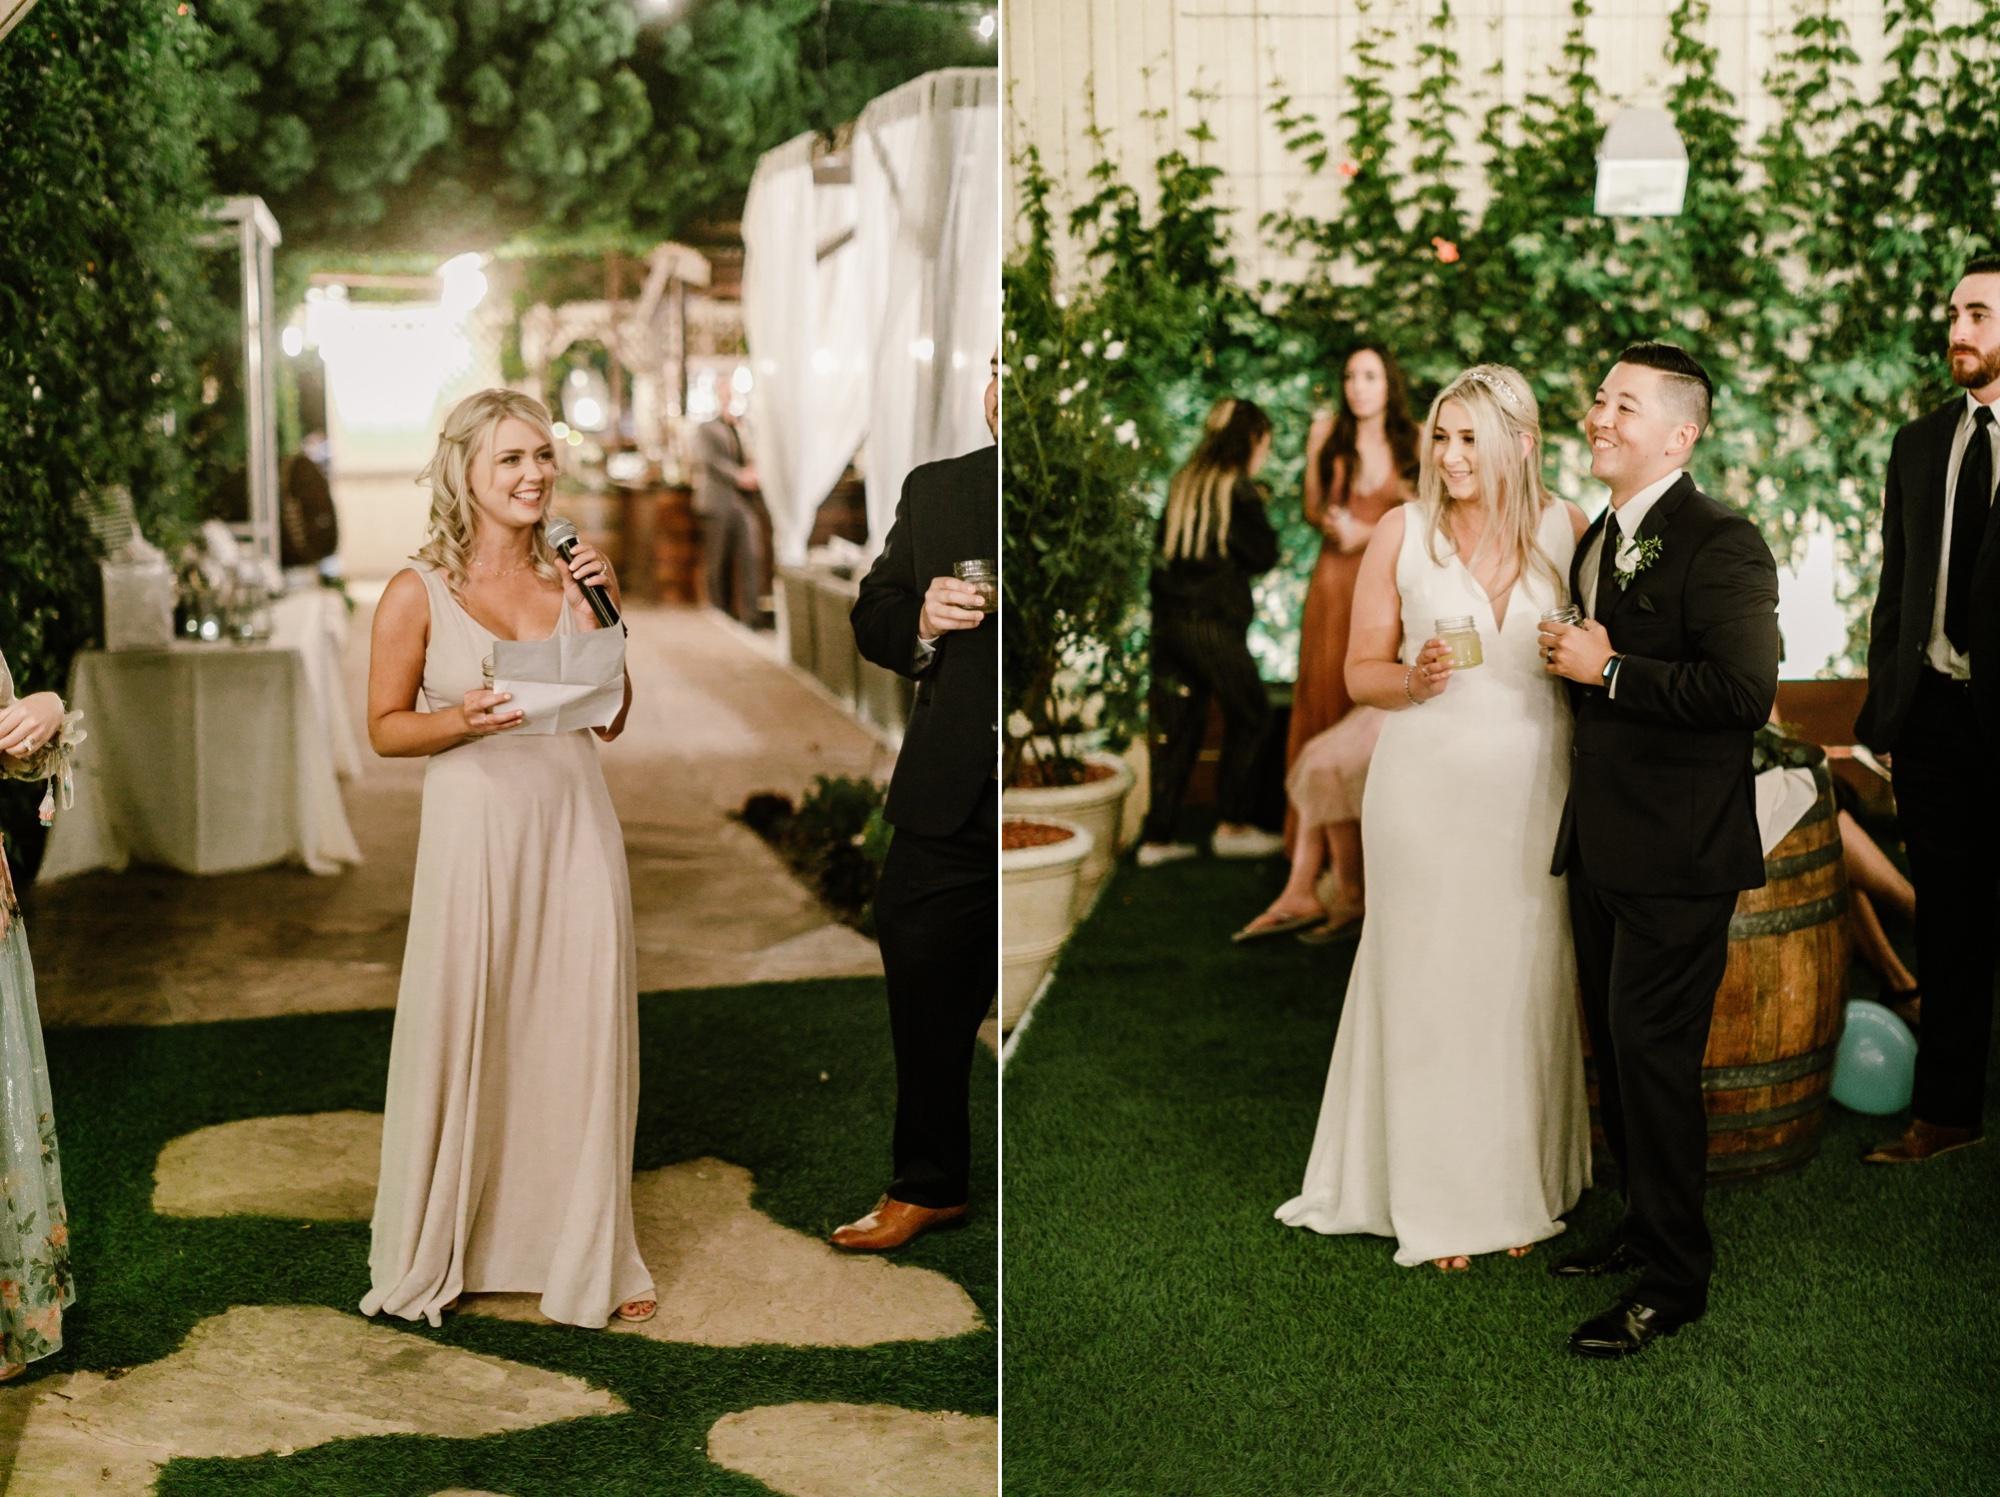 84_Ally and Tommy's Wedding-627_Ally and Tommy's Wedding-626.jpg